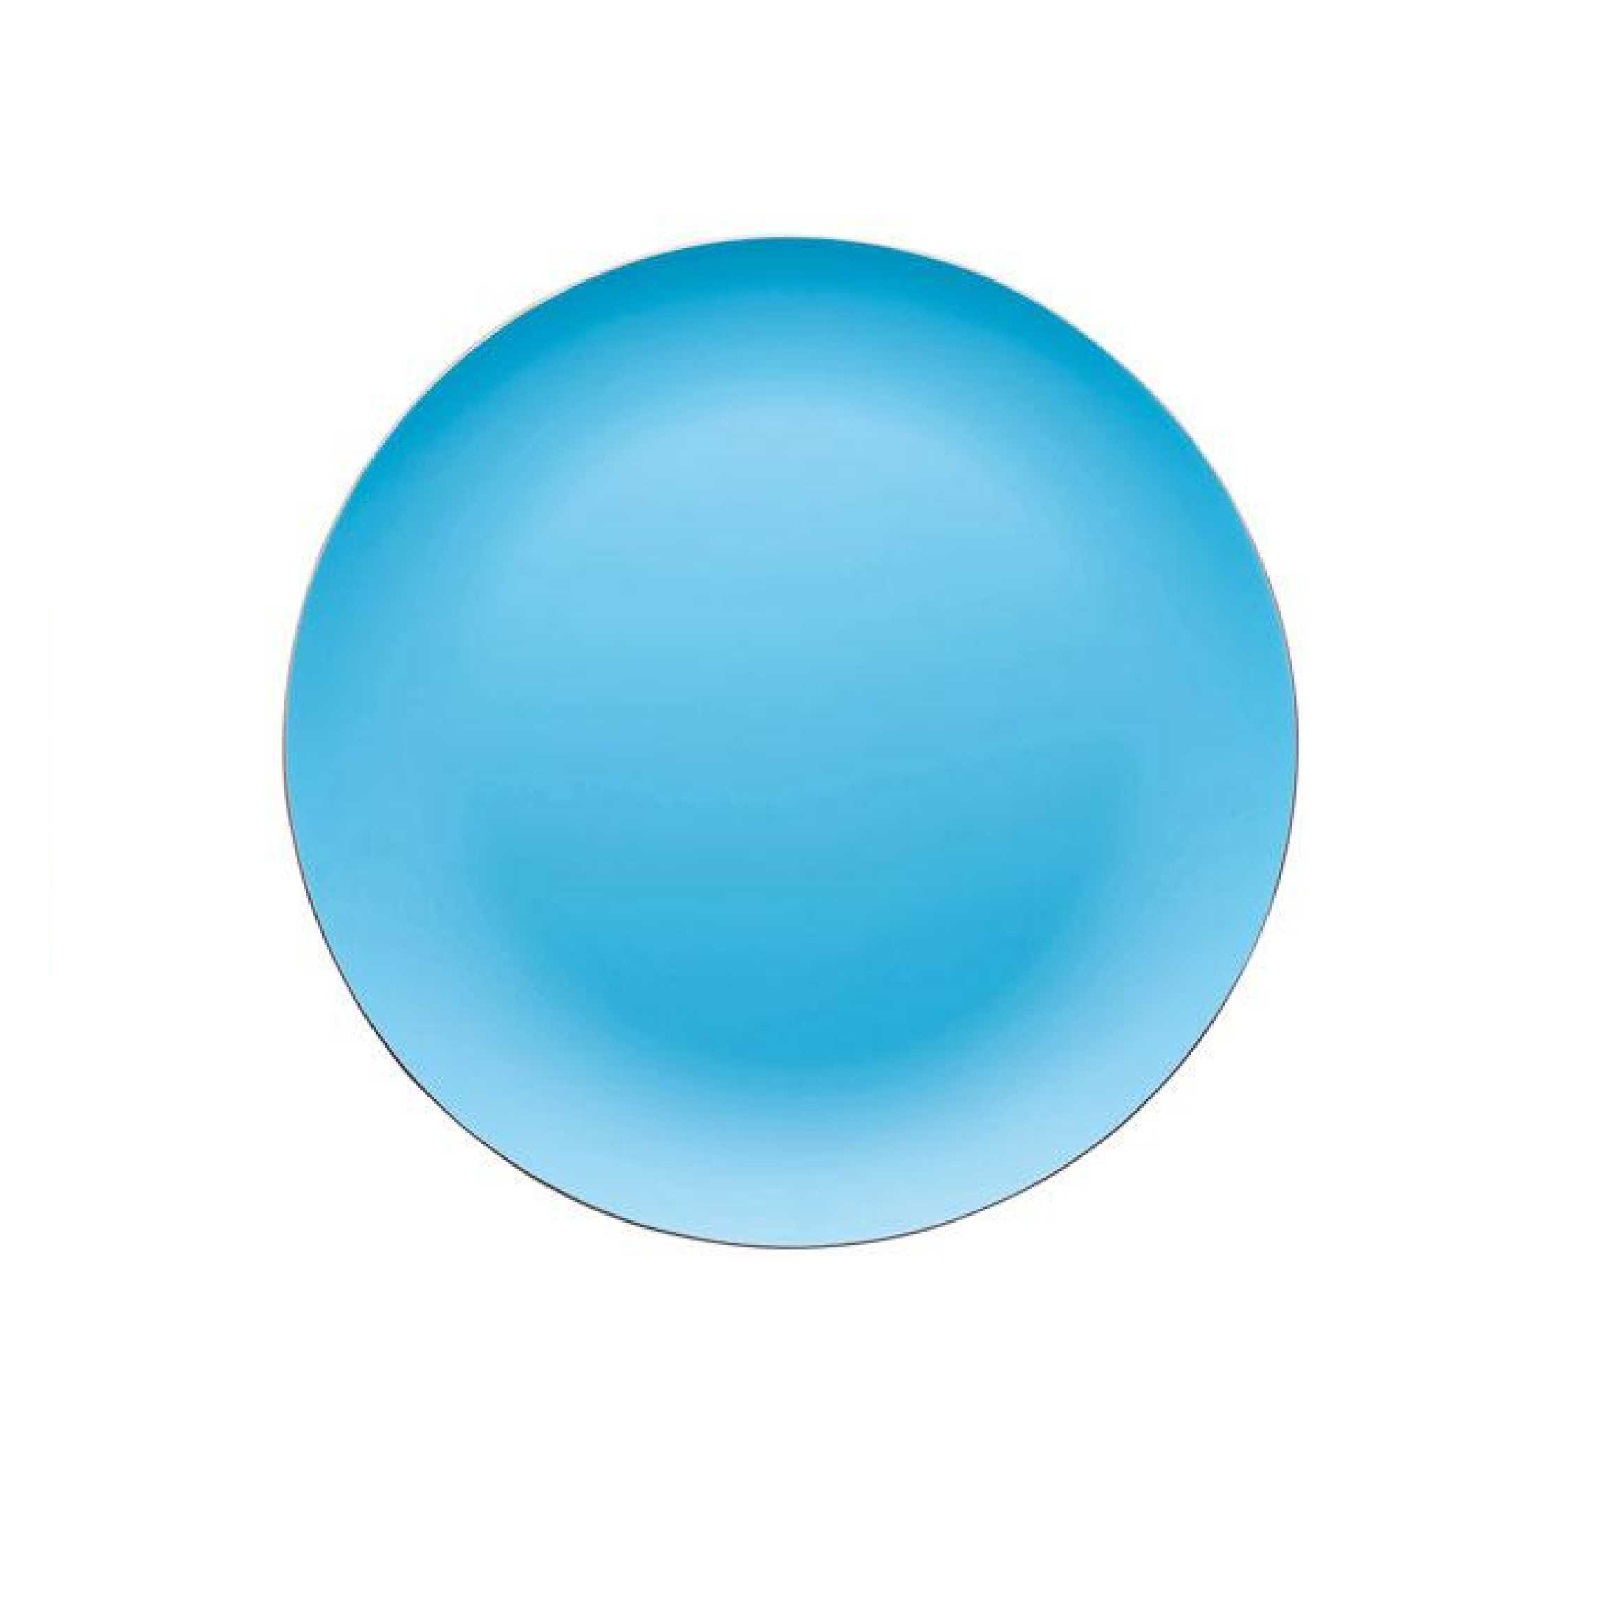 Поднос деревянный Rosenthal SUNNY DAY, диаметр 41 см, голубой Rosenthal 69763-408530-05642 фото 2